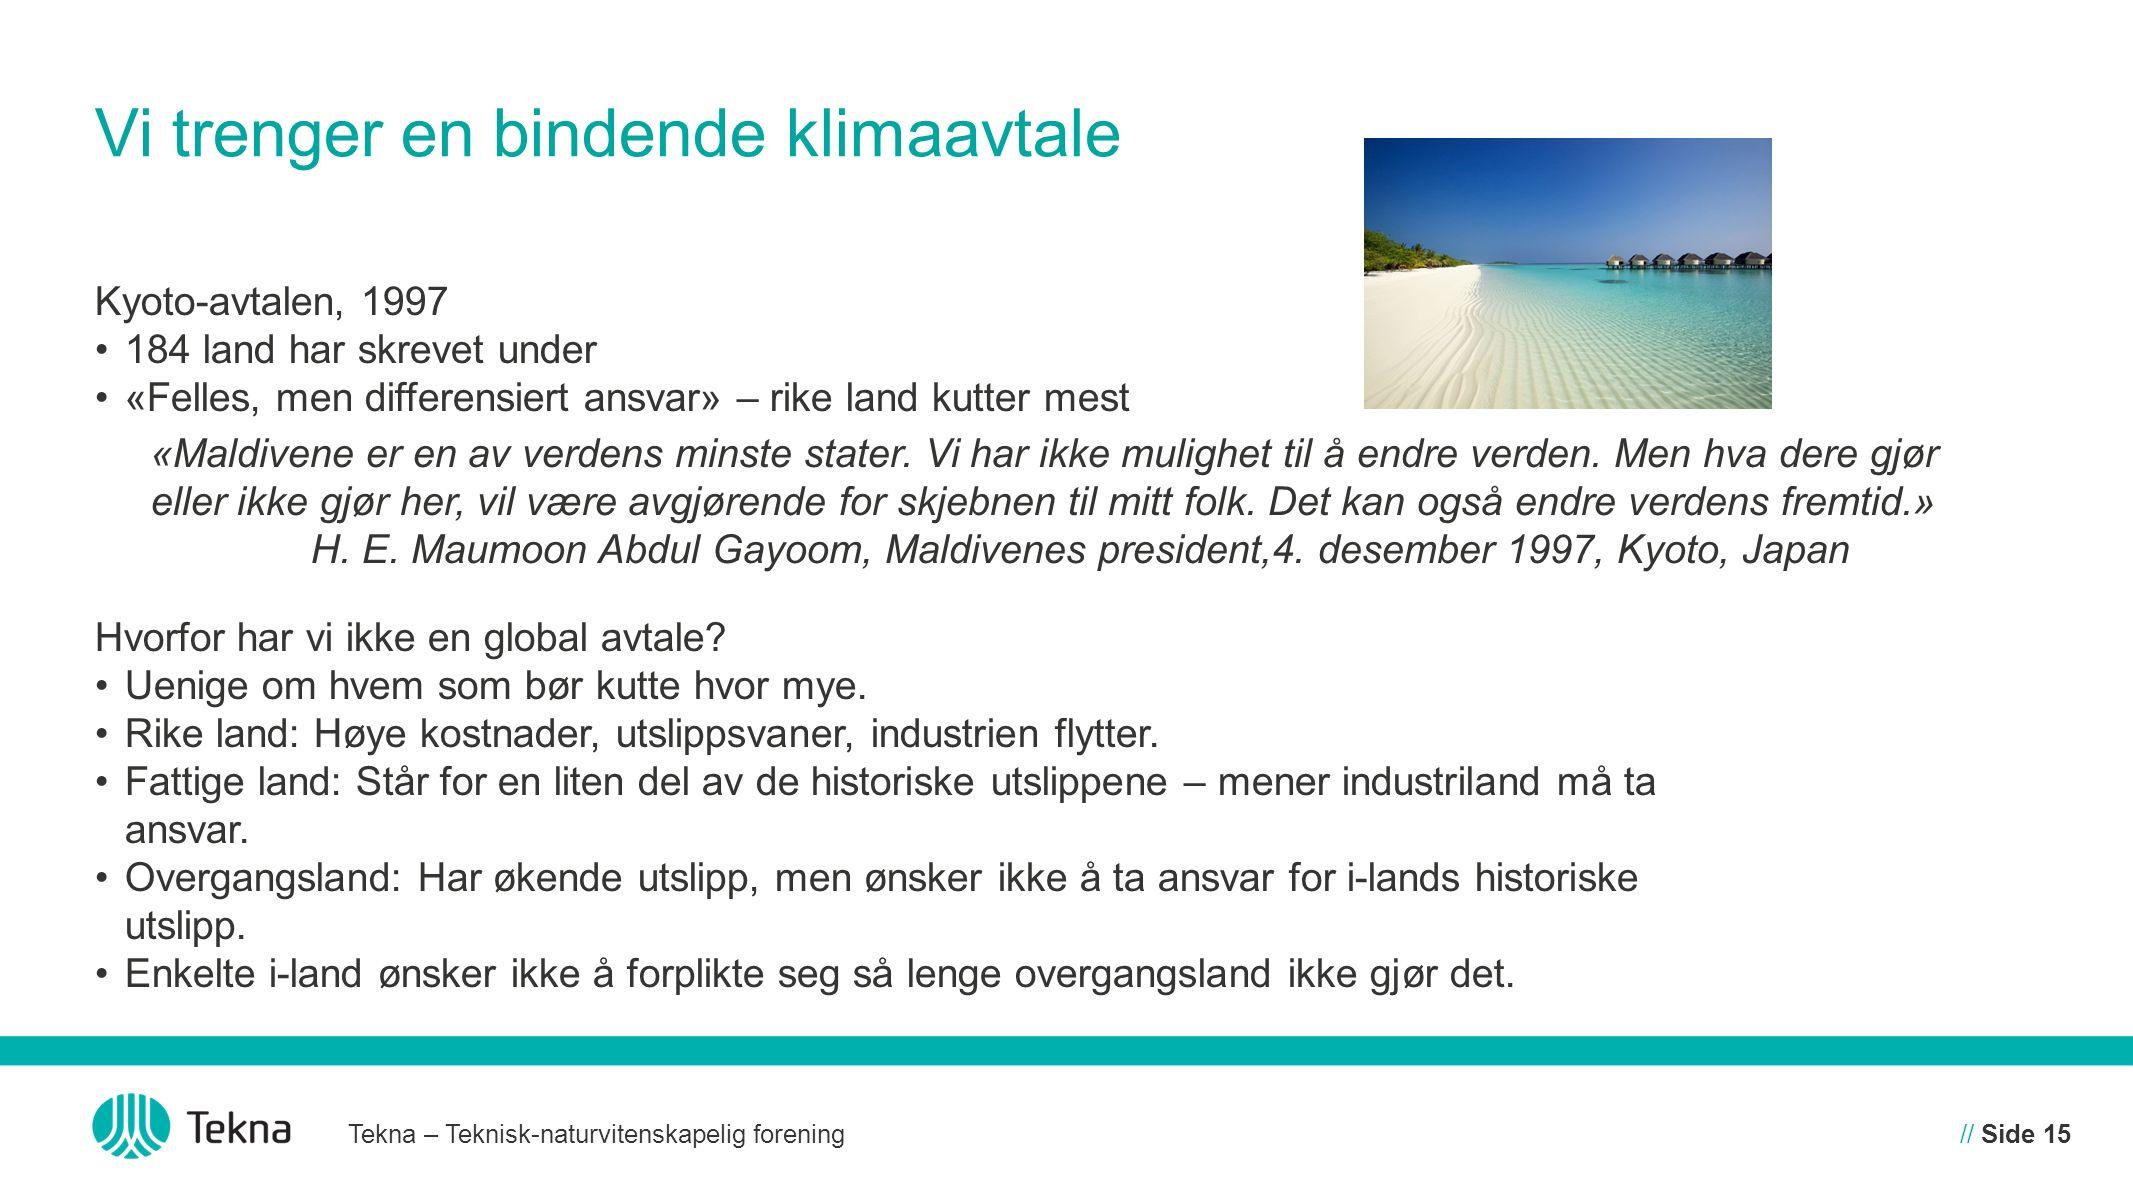 Vi trenger en bindende klimaavtale Kyoto-avtalen, 1997 184 land har skrevet under «Felles, men differensiert ansvar» – rike land kutter mest Hvorfor h